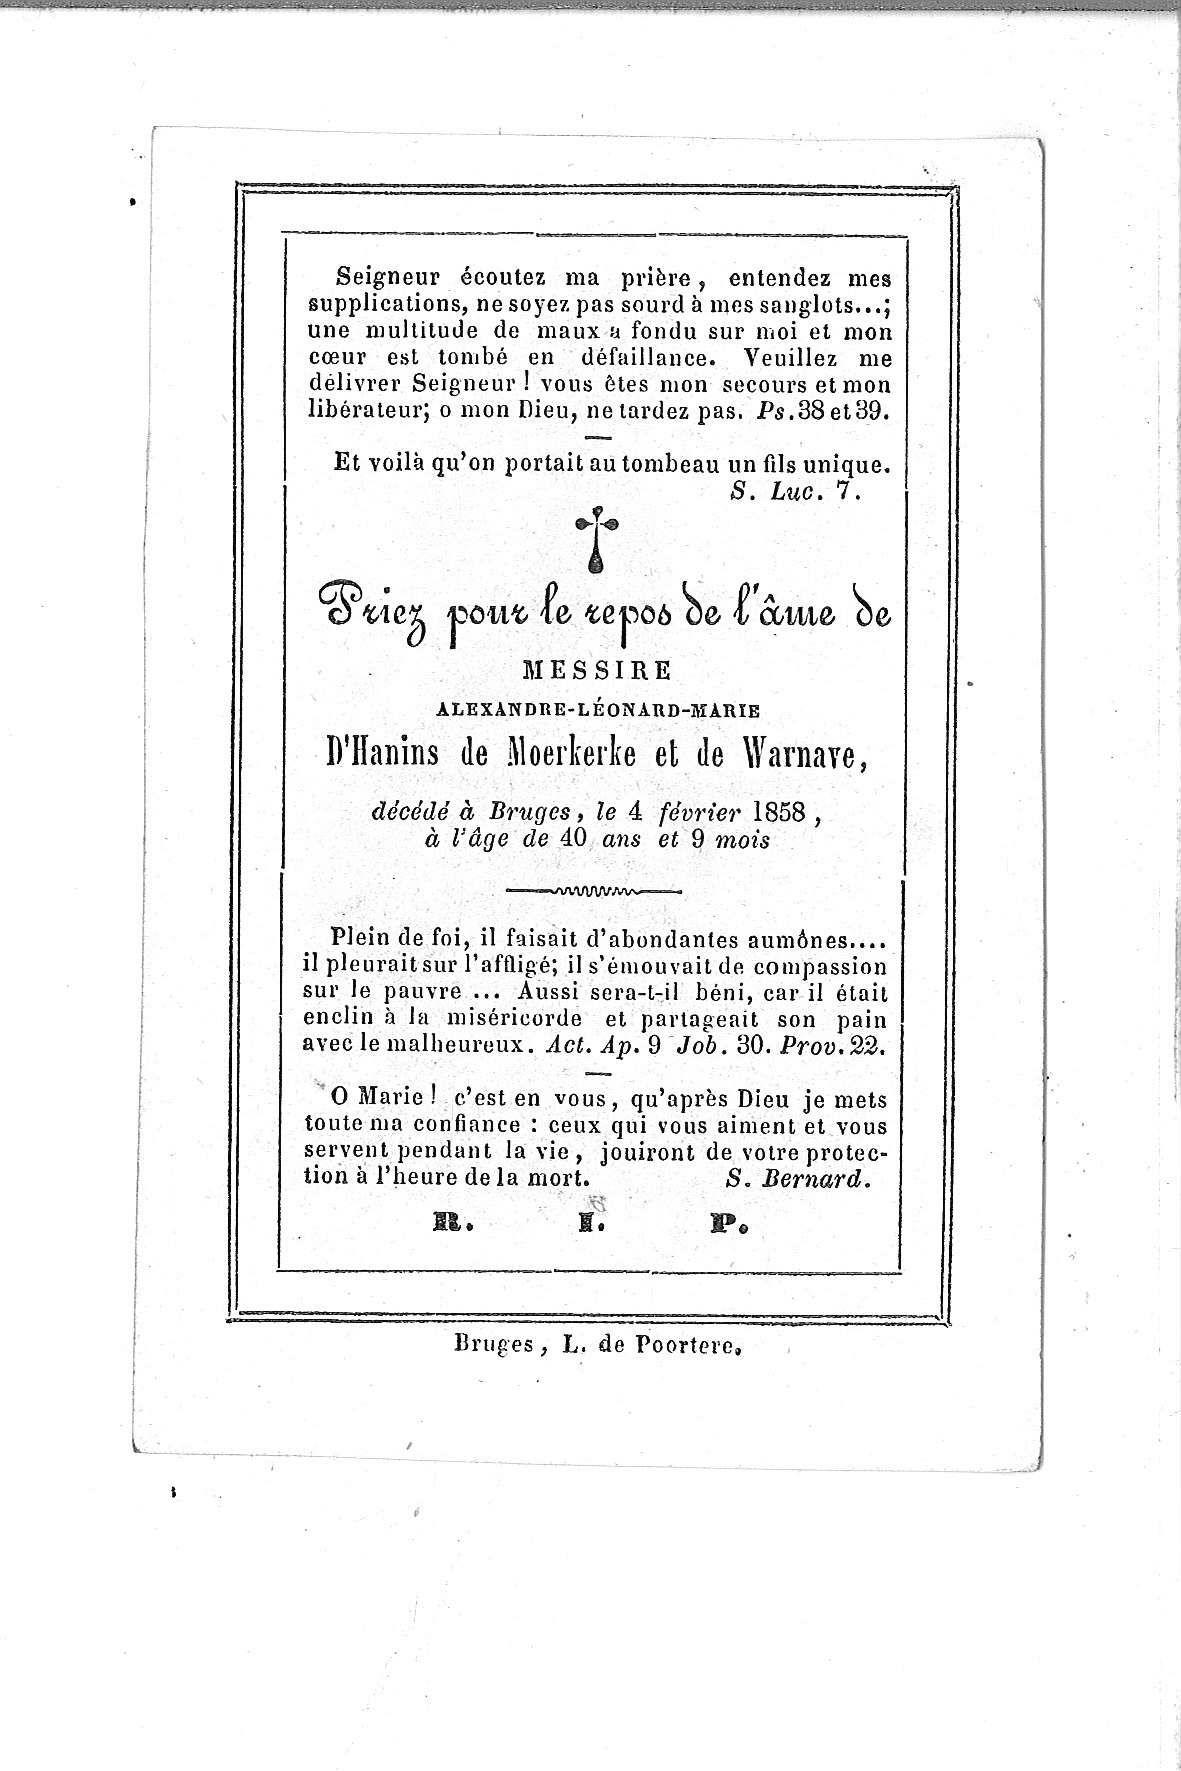 Alexandre-Léonard-Marie-(1858)-20120920162809_00006.jpg